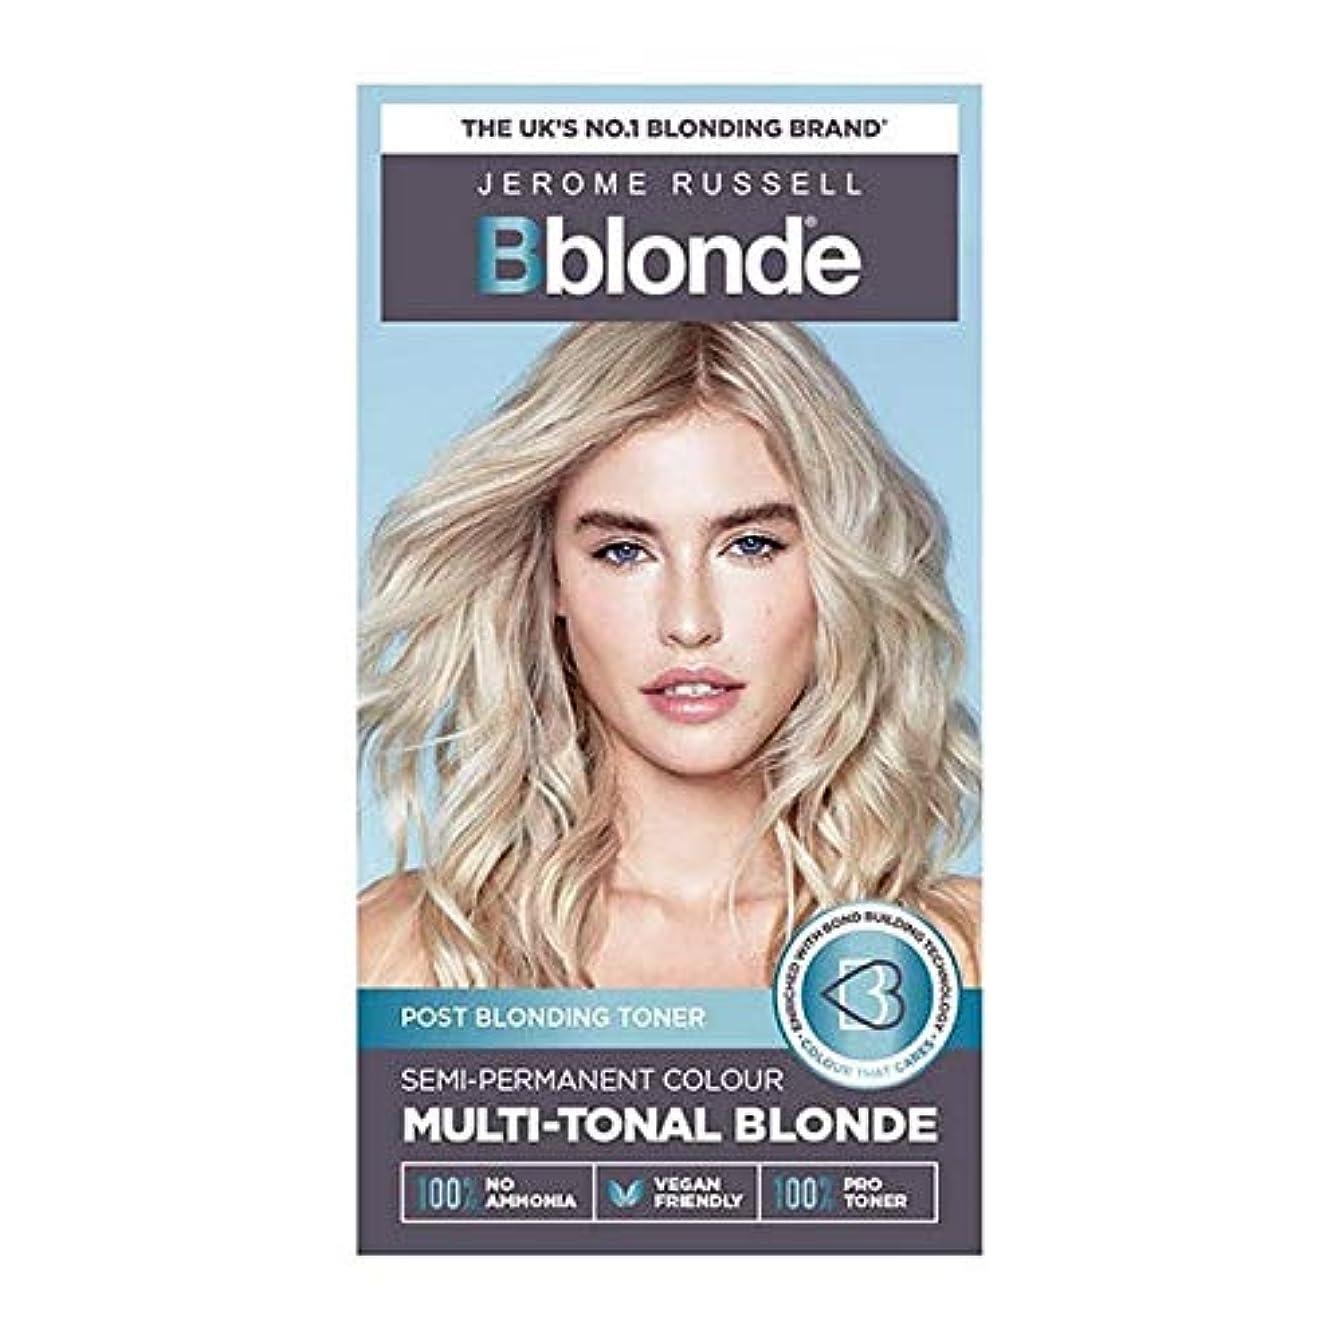 ライド練習我慢する[Jerome Russell ] ジェロームラッセルBblondeセミパーマネントトナー媒体ブロンド - Jerome Russell Bblonde Semi Permanent Toner Medium Blonde...